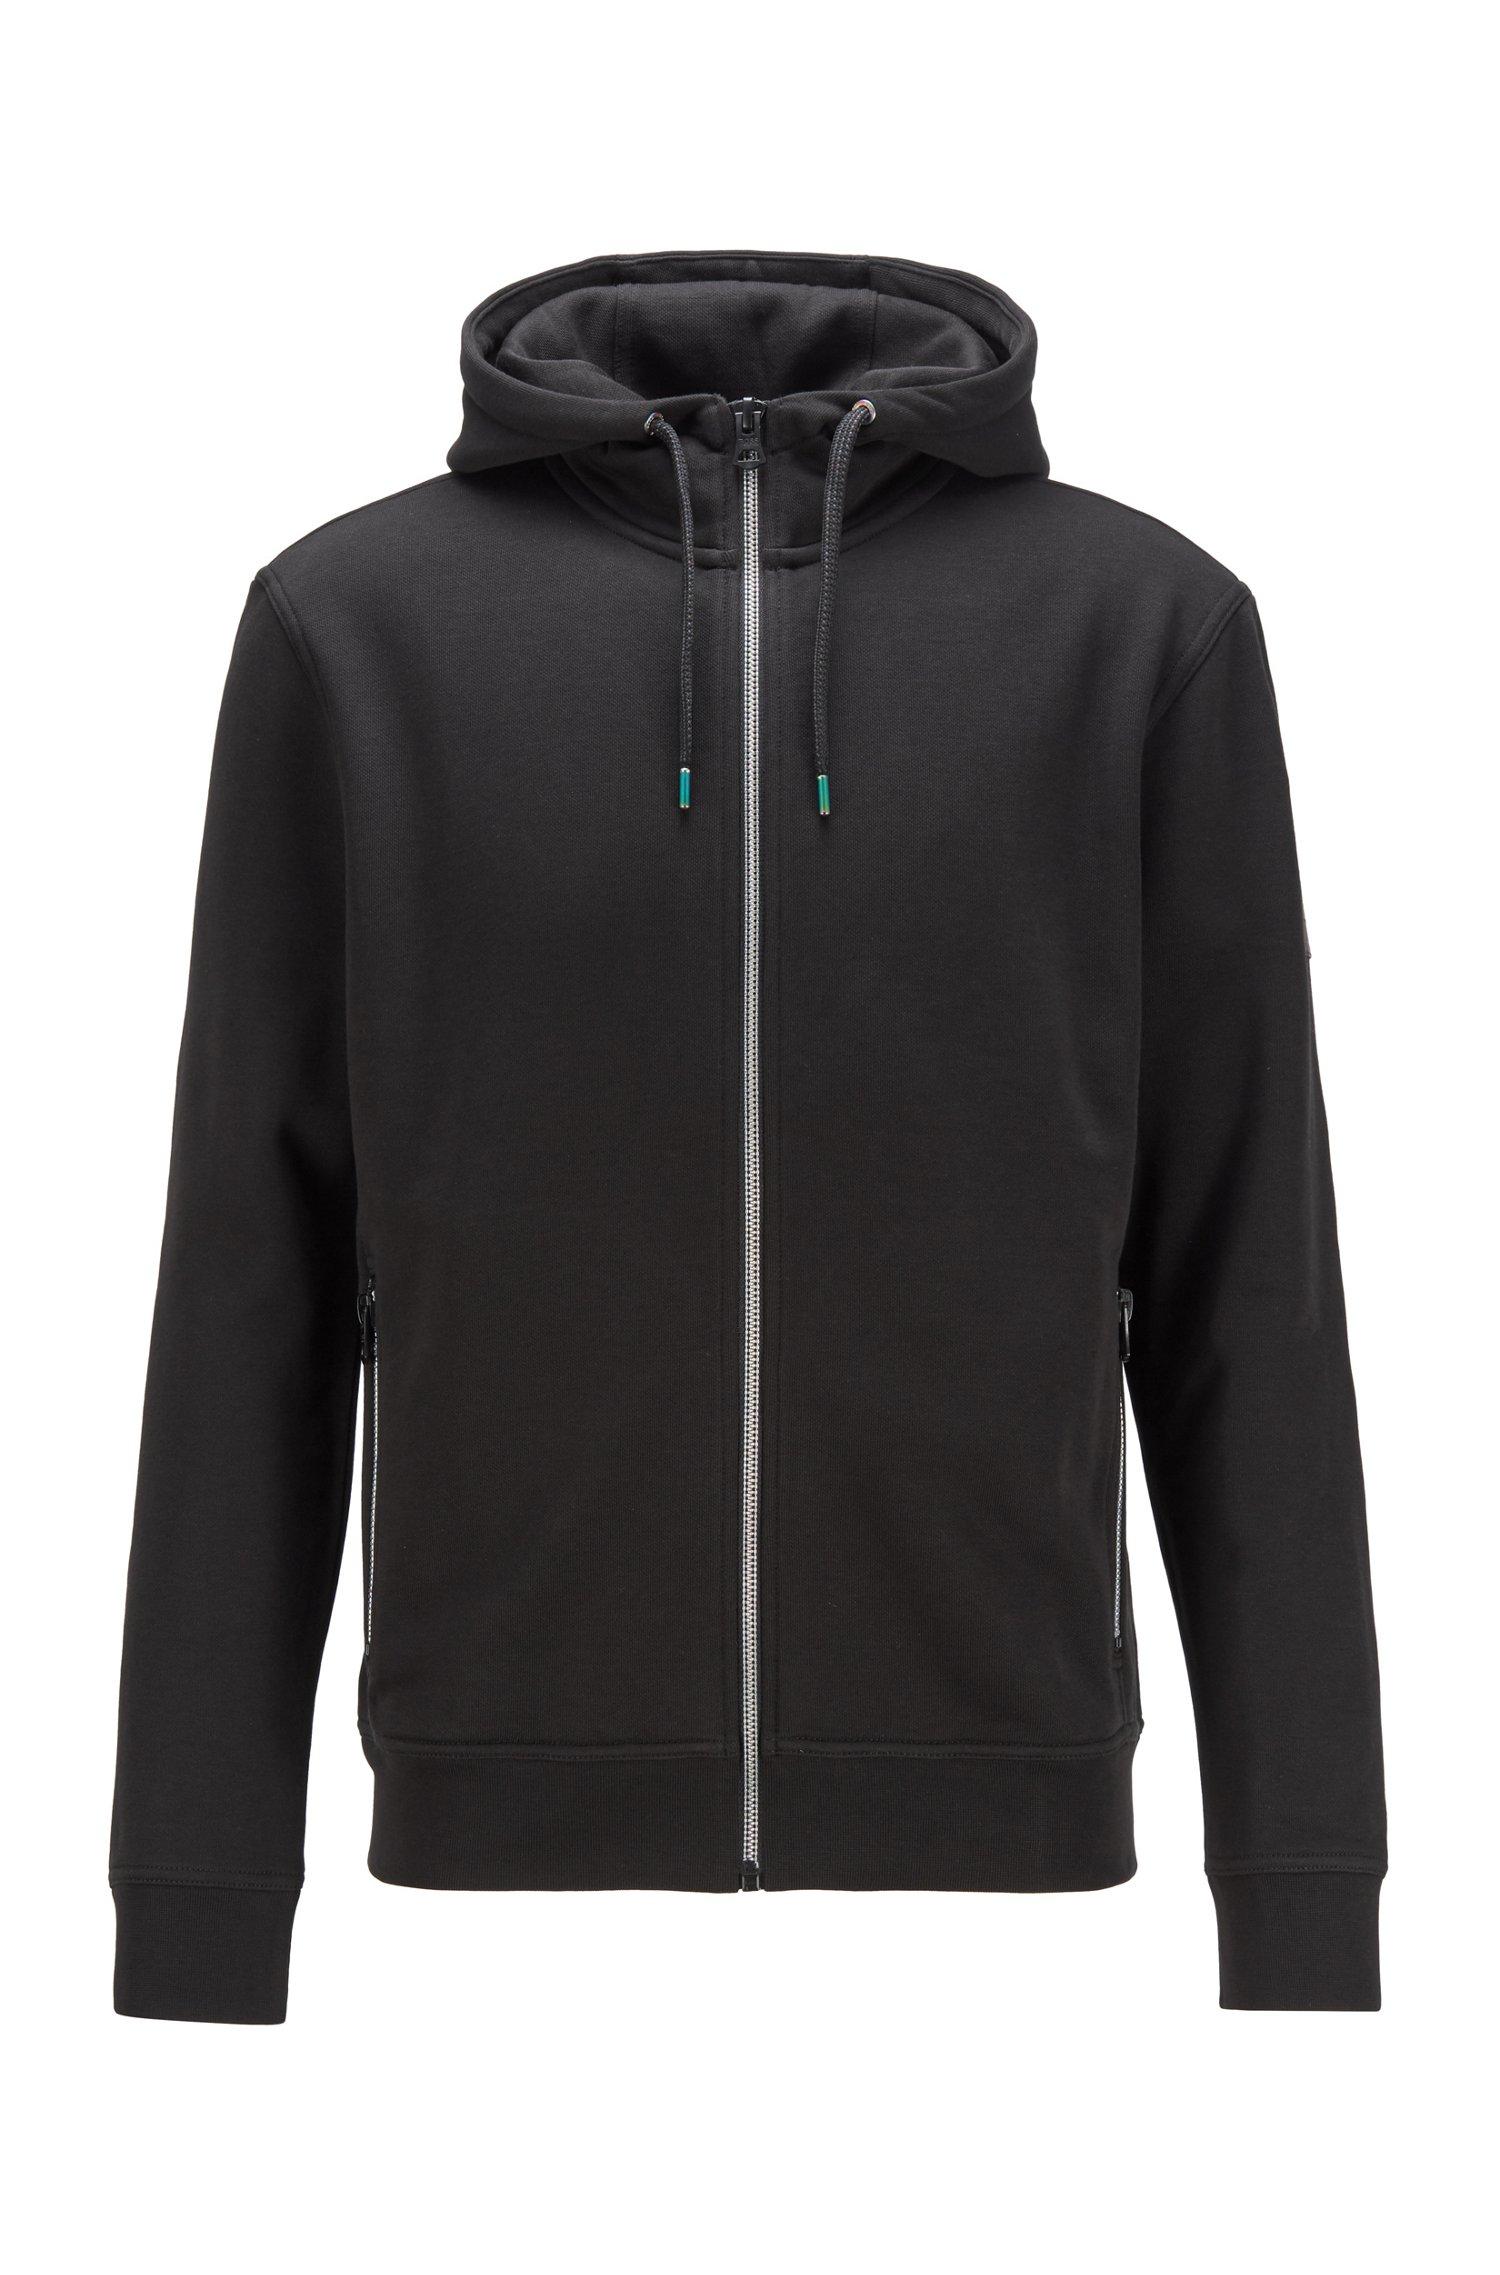 Veste zippée en molleton, avec détails irisés, Noir